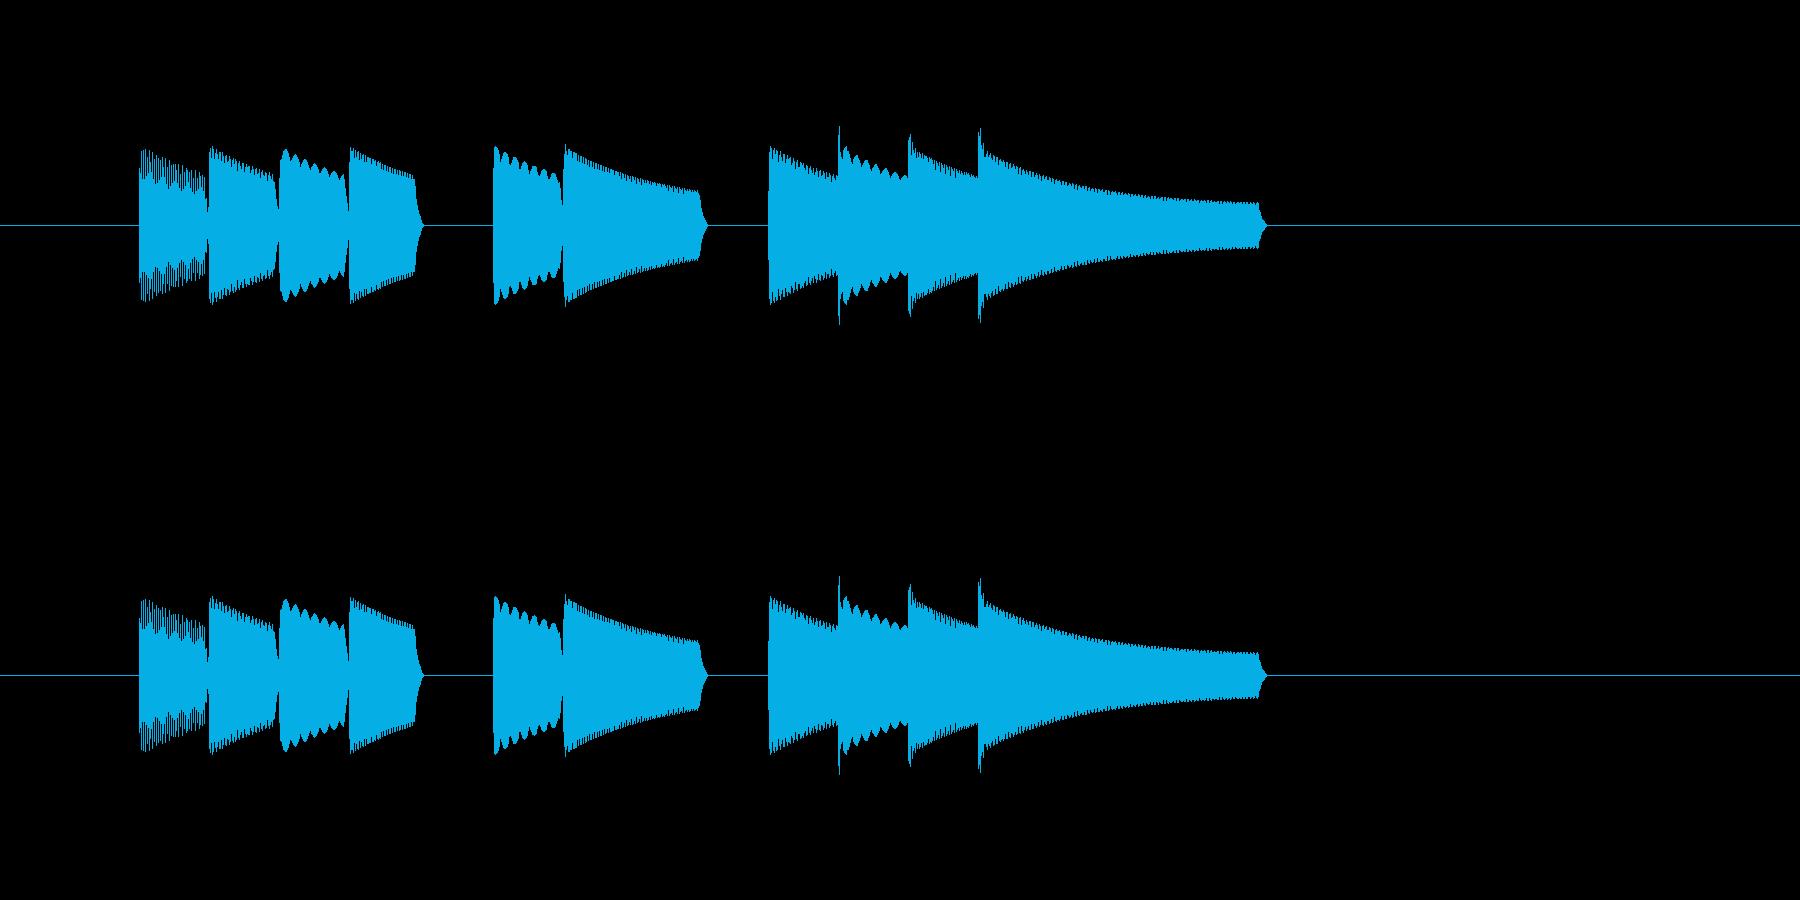 ファミコン風レベルアップ音の再生済みの波形